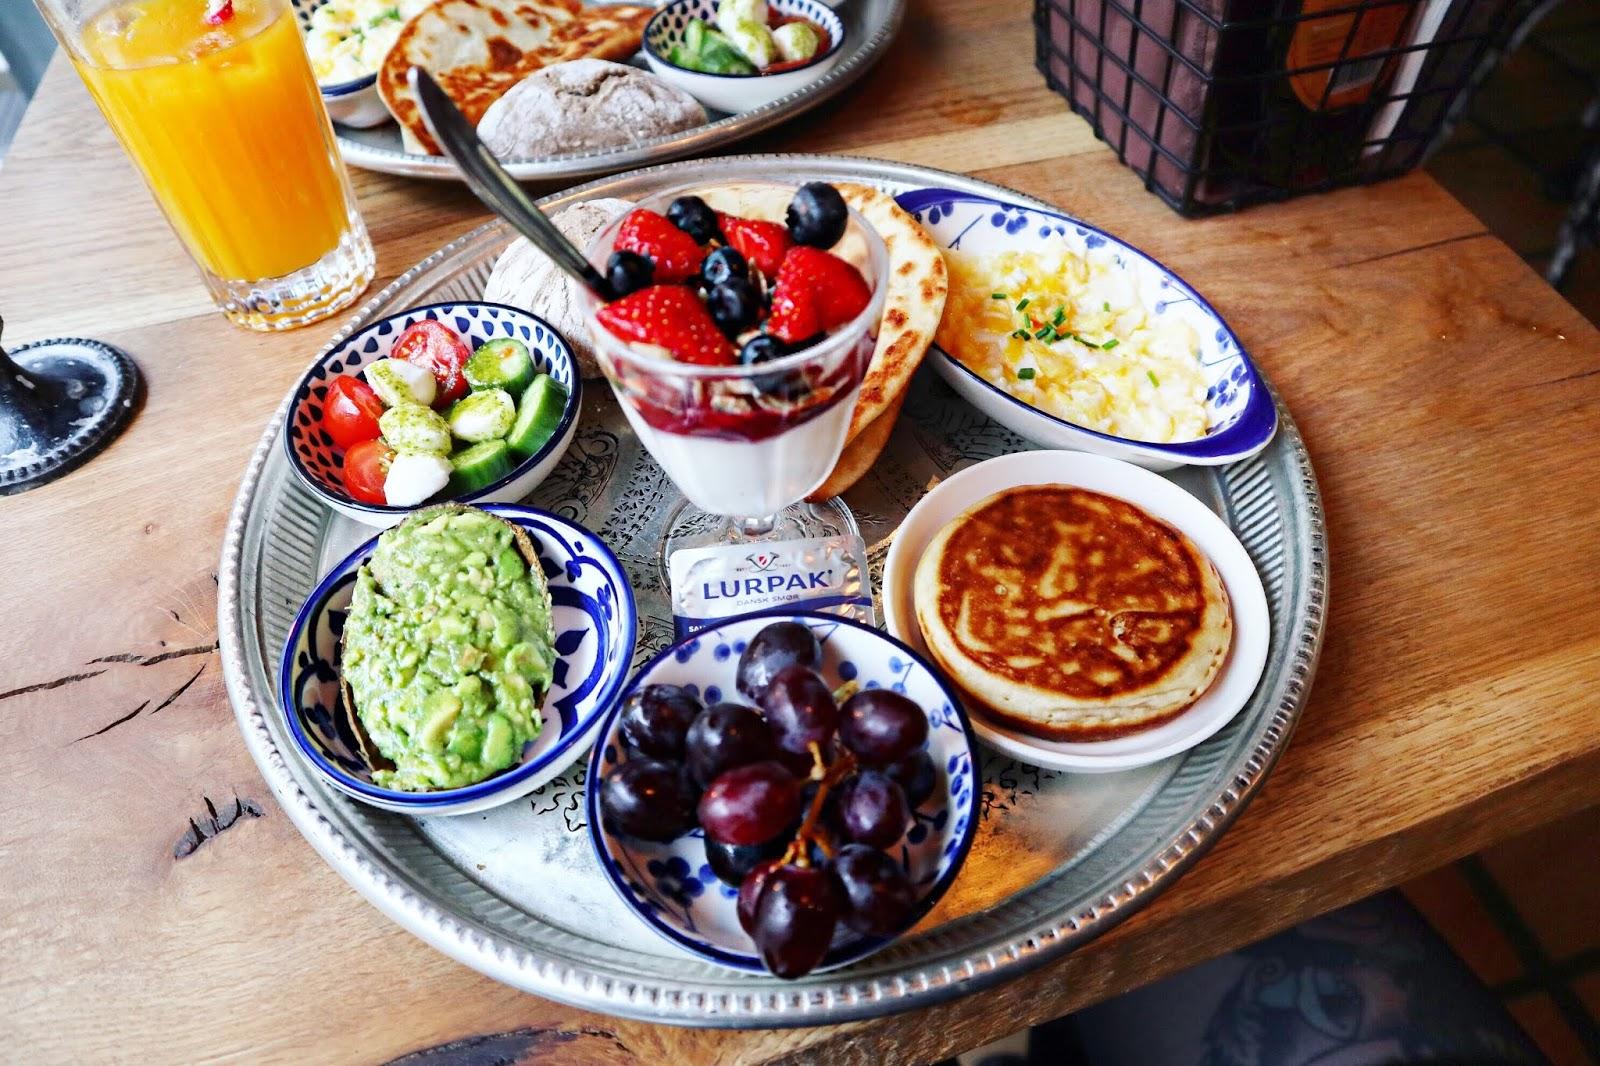 brunch places in Copenhagen